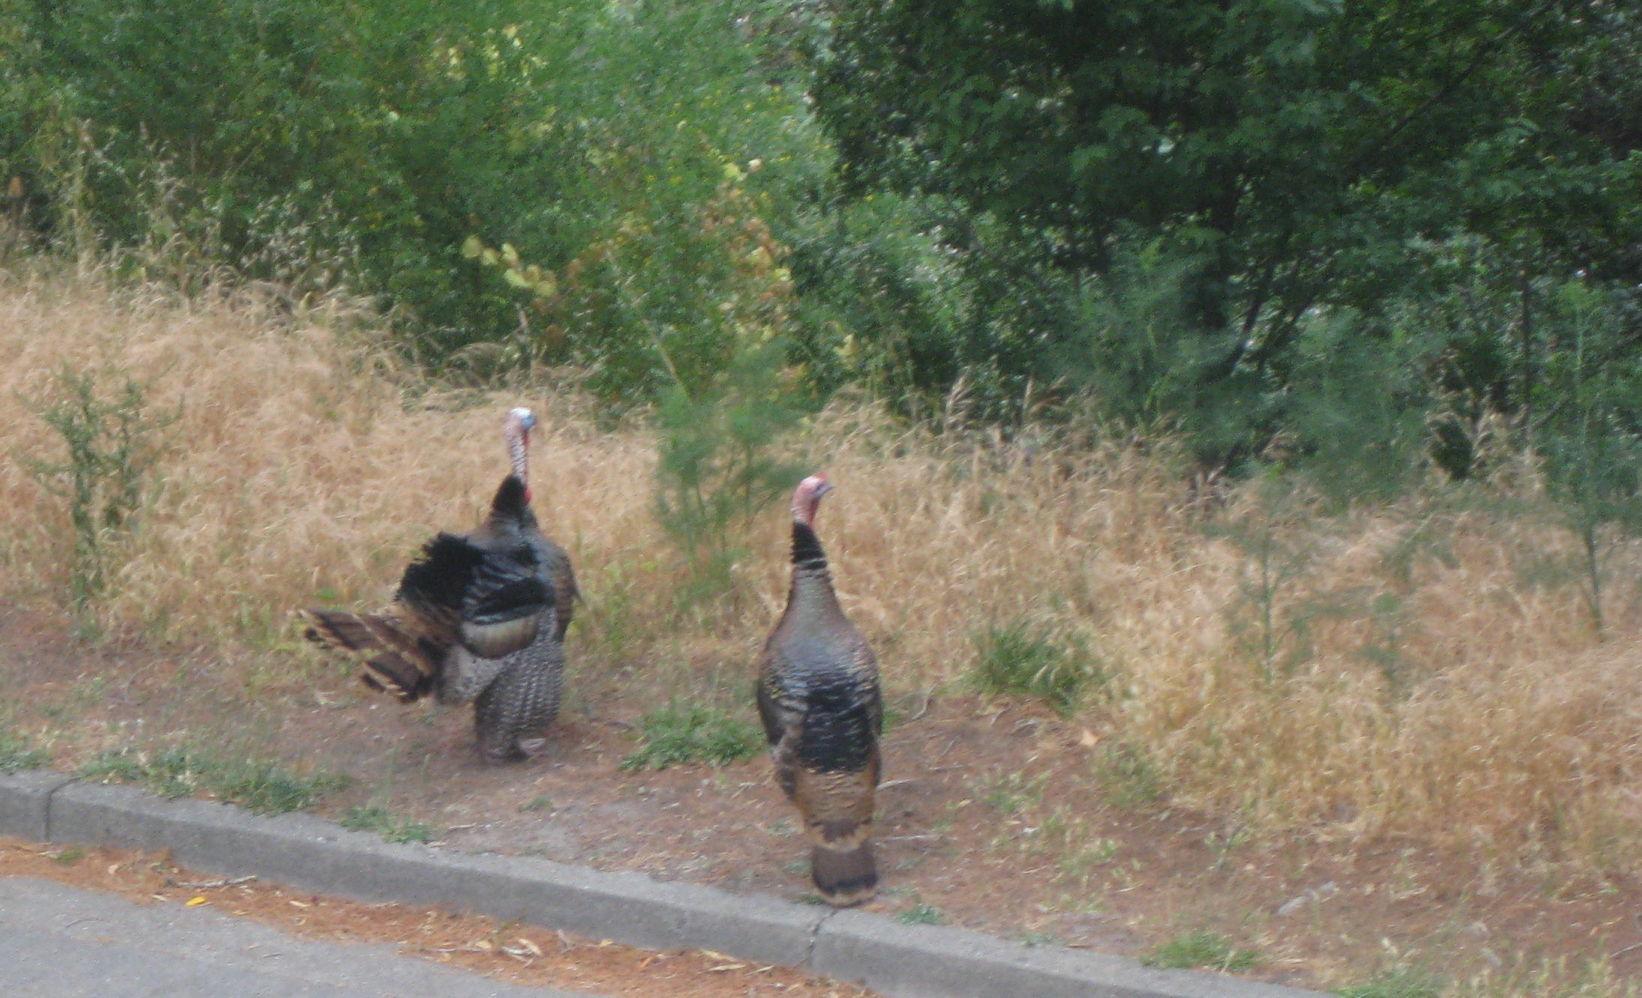 wpid-turkeytrot3-2014-05-31-10-21.jpg